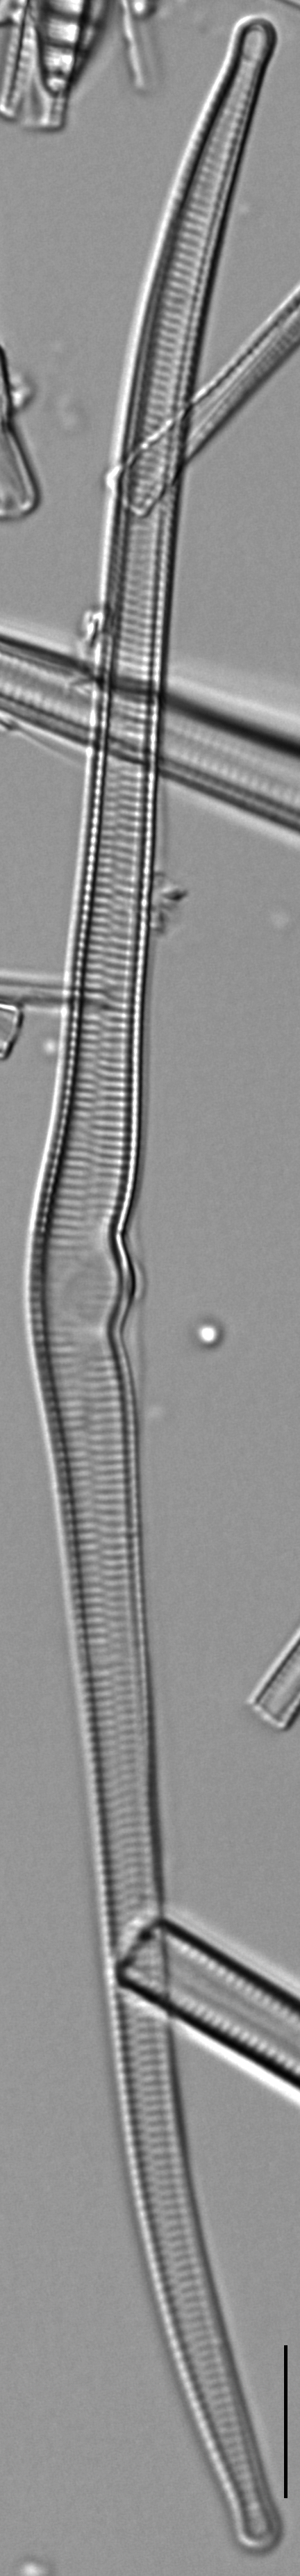 Hannaea superiorensis LM7